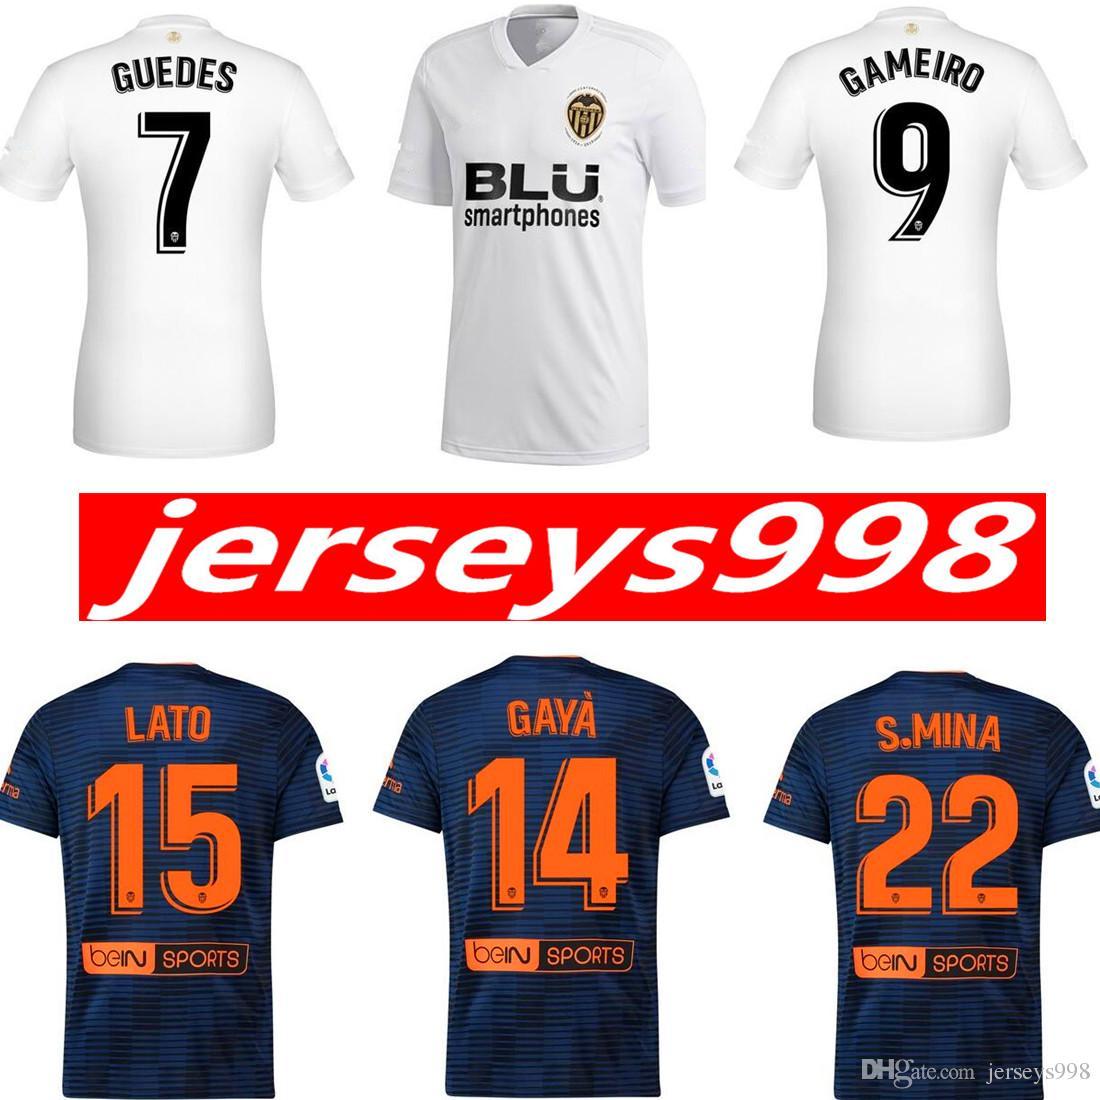 Camisetas De Fútbol Doradas Valencia 2019 De Calidad Tailandesa ... 73a55c3a147e9